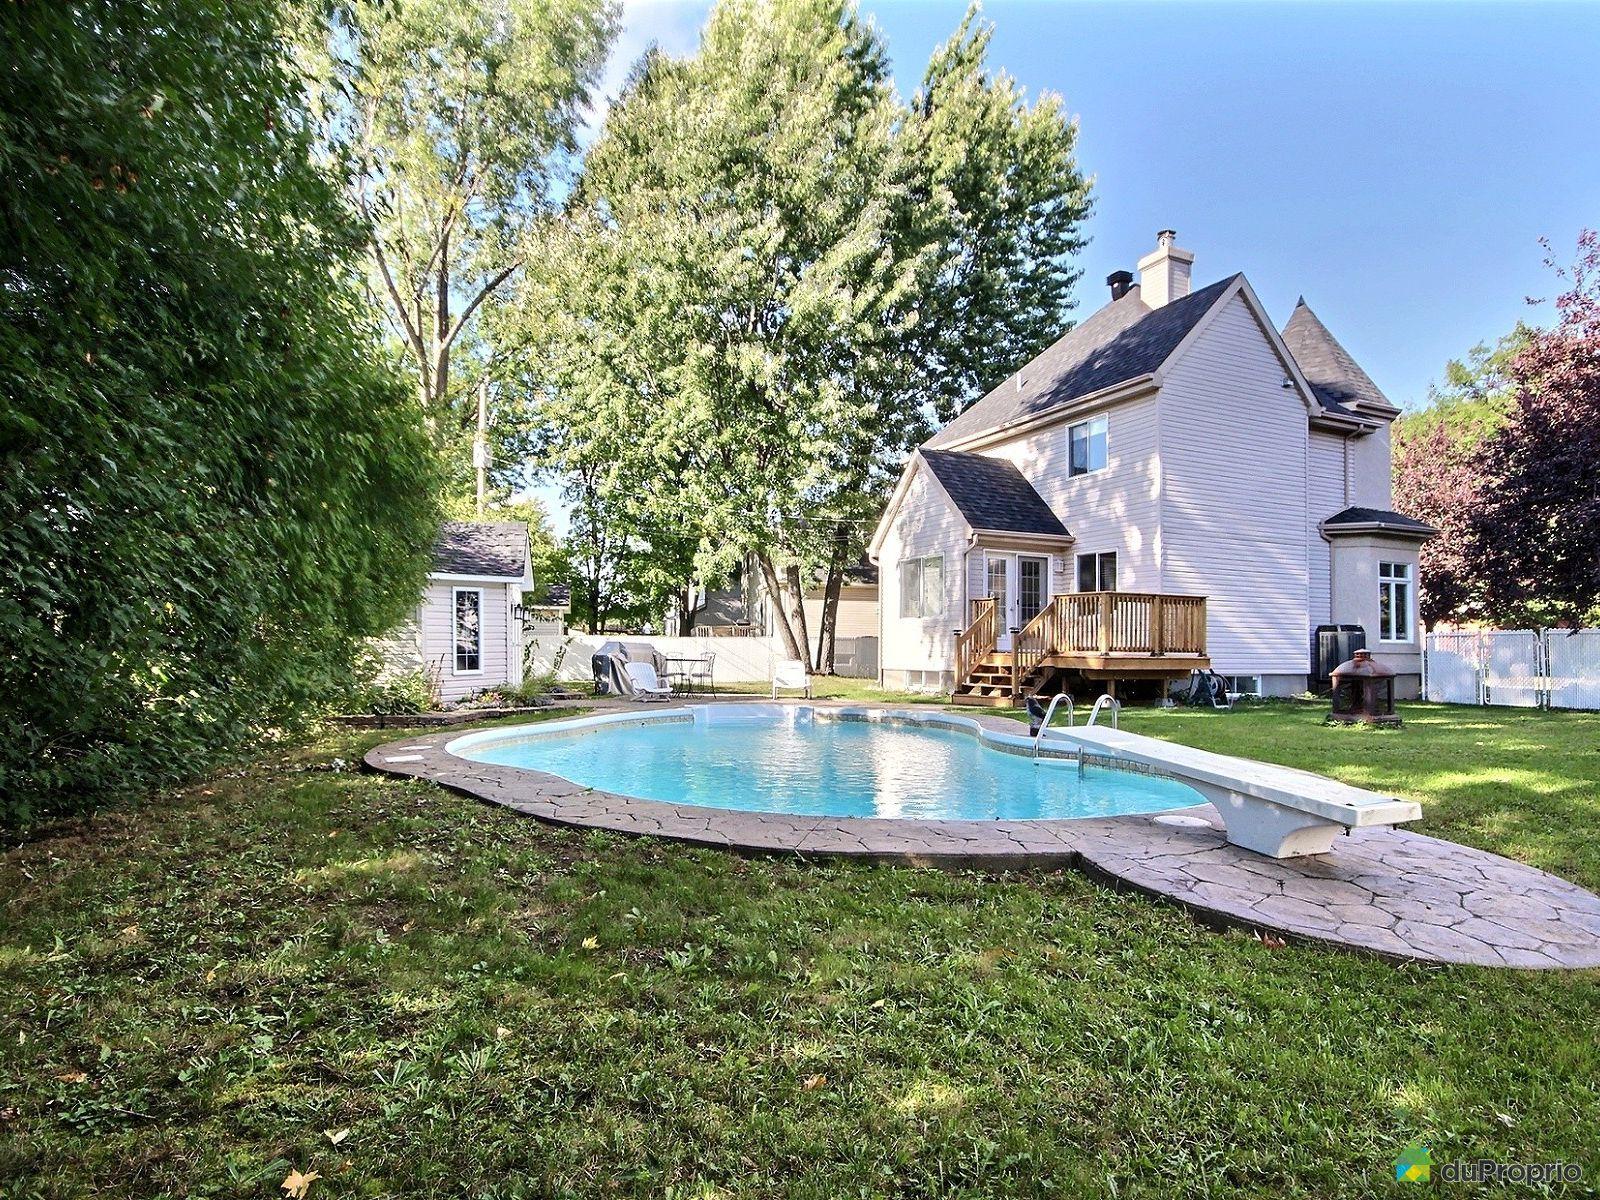 Maison vendre pincourt 43 rue bois du parc immobilier for 2 maison parc court